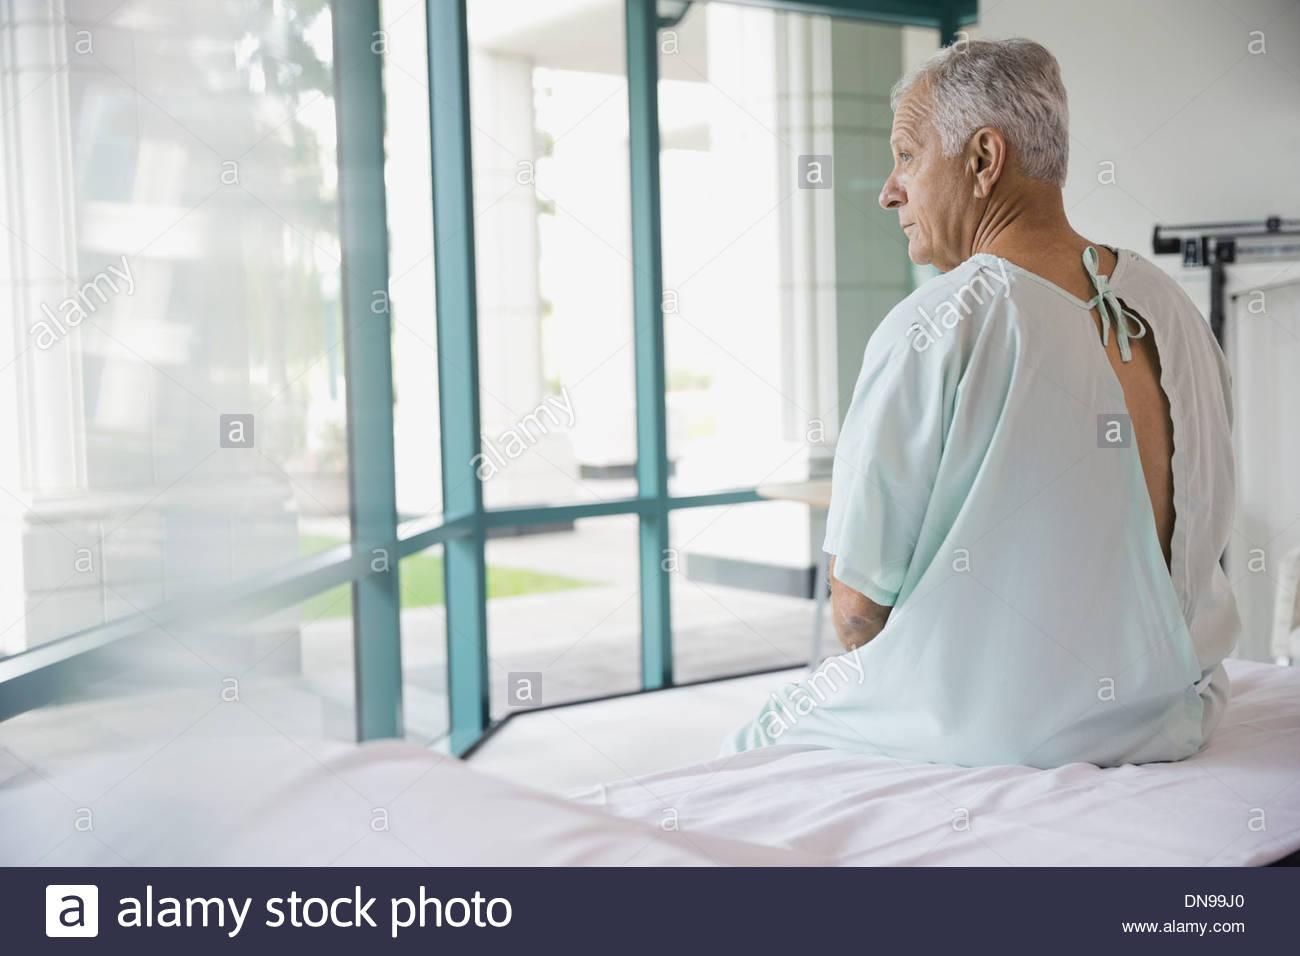 Nachdenklich senior Patient sitzt am Krankenhausbett Stockbild